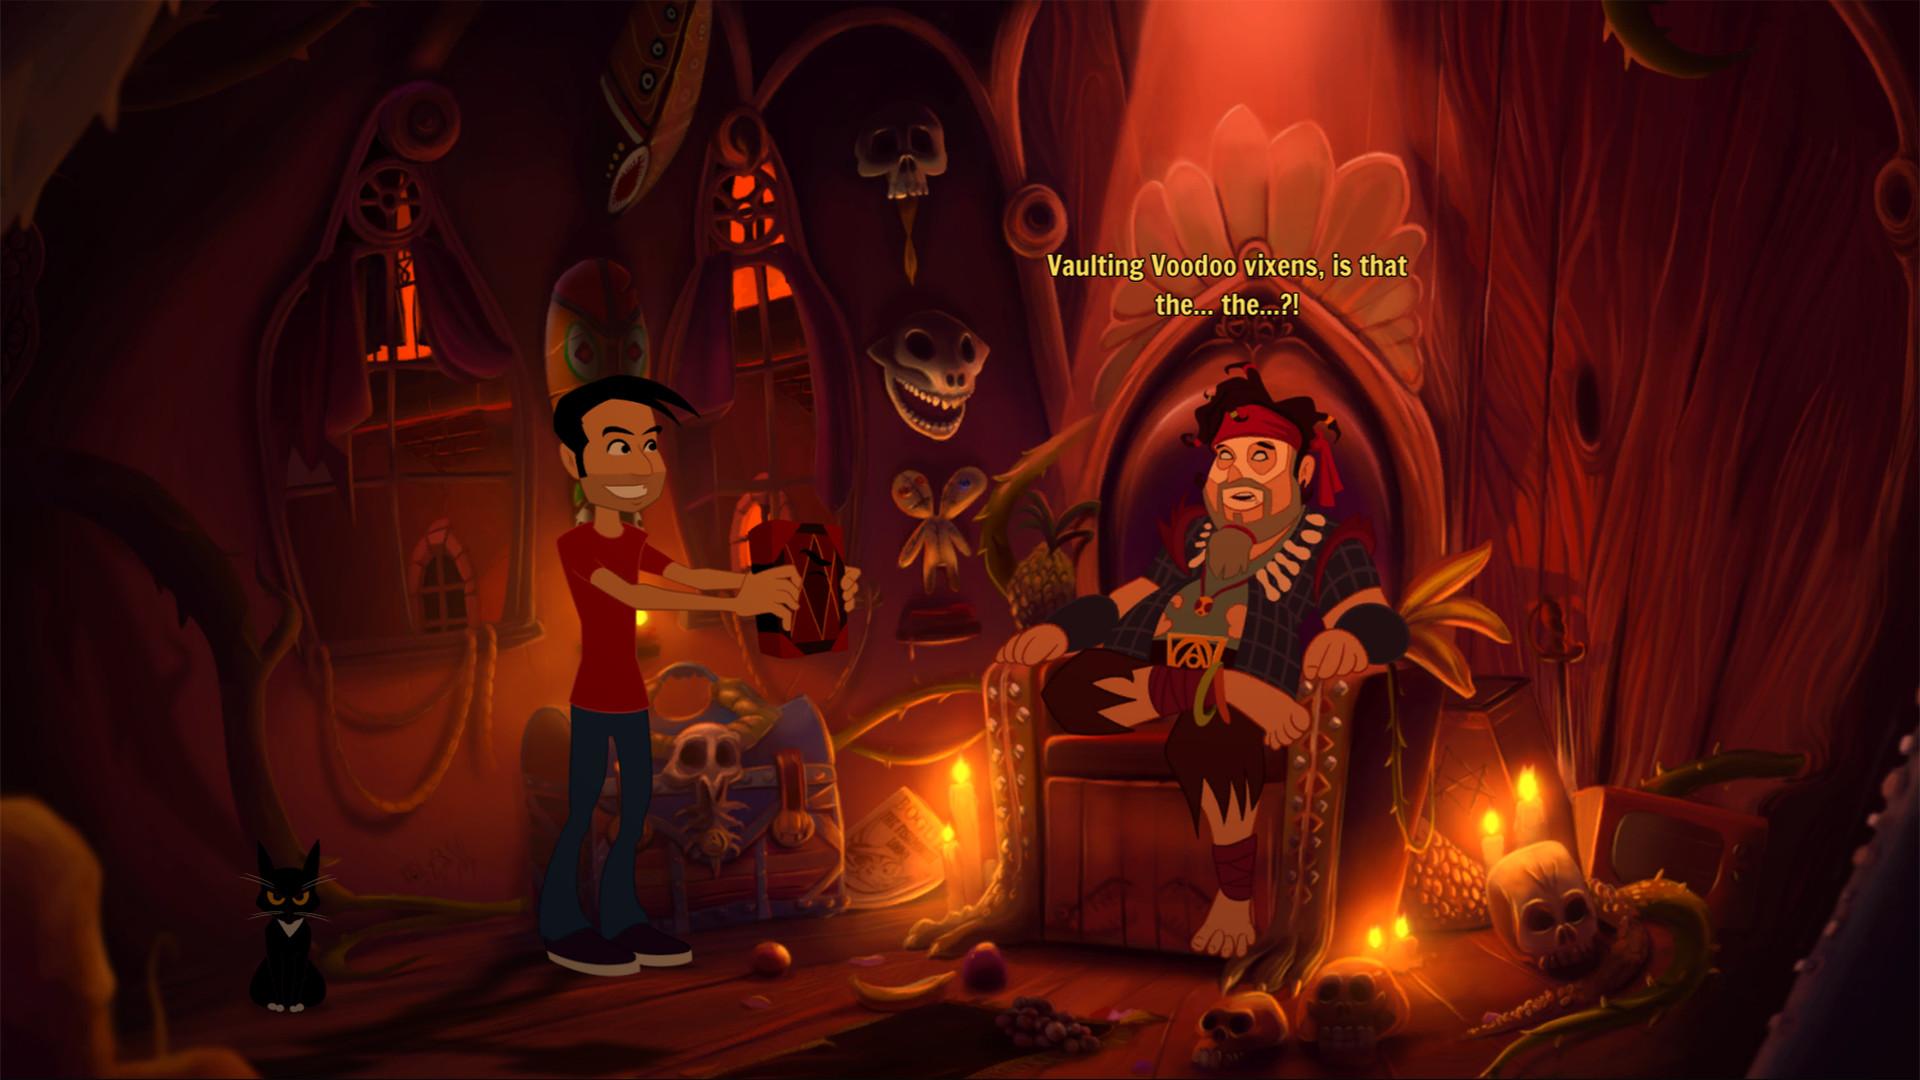 Link Tải Game Gibbous A Cthulhu Adventure Miễn Phí Thành Công